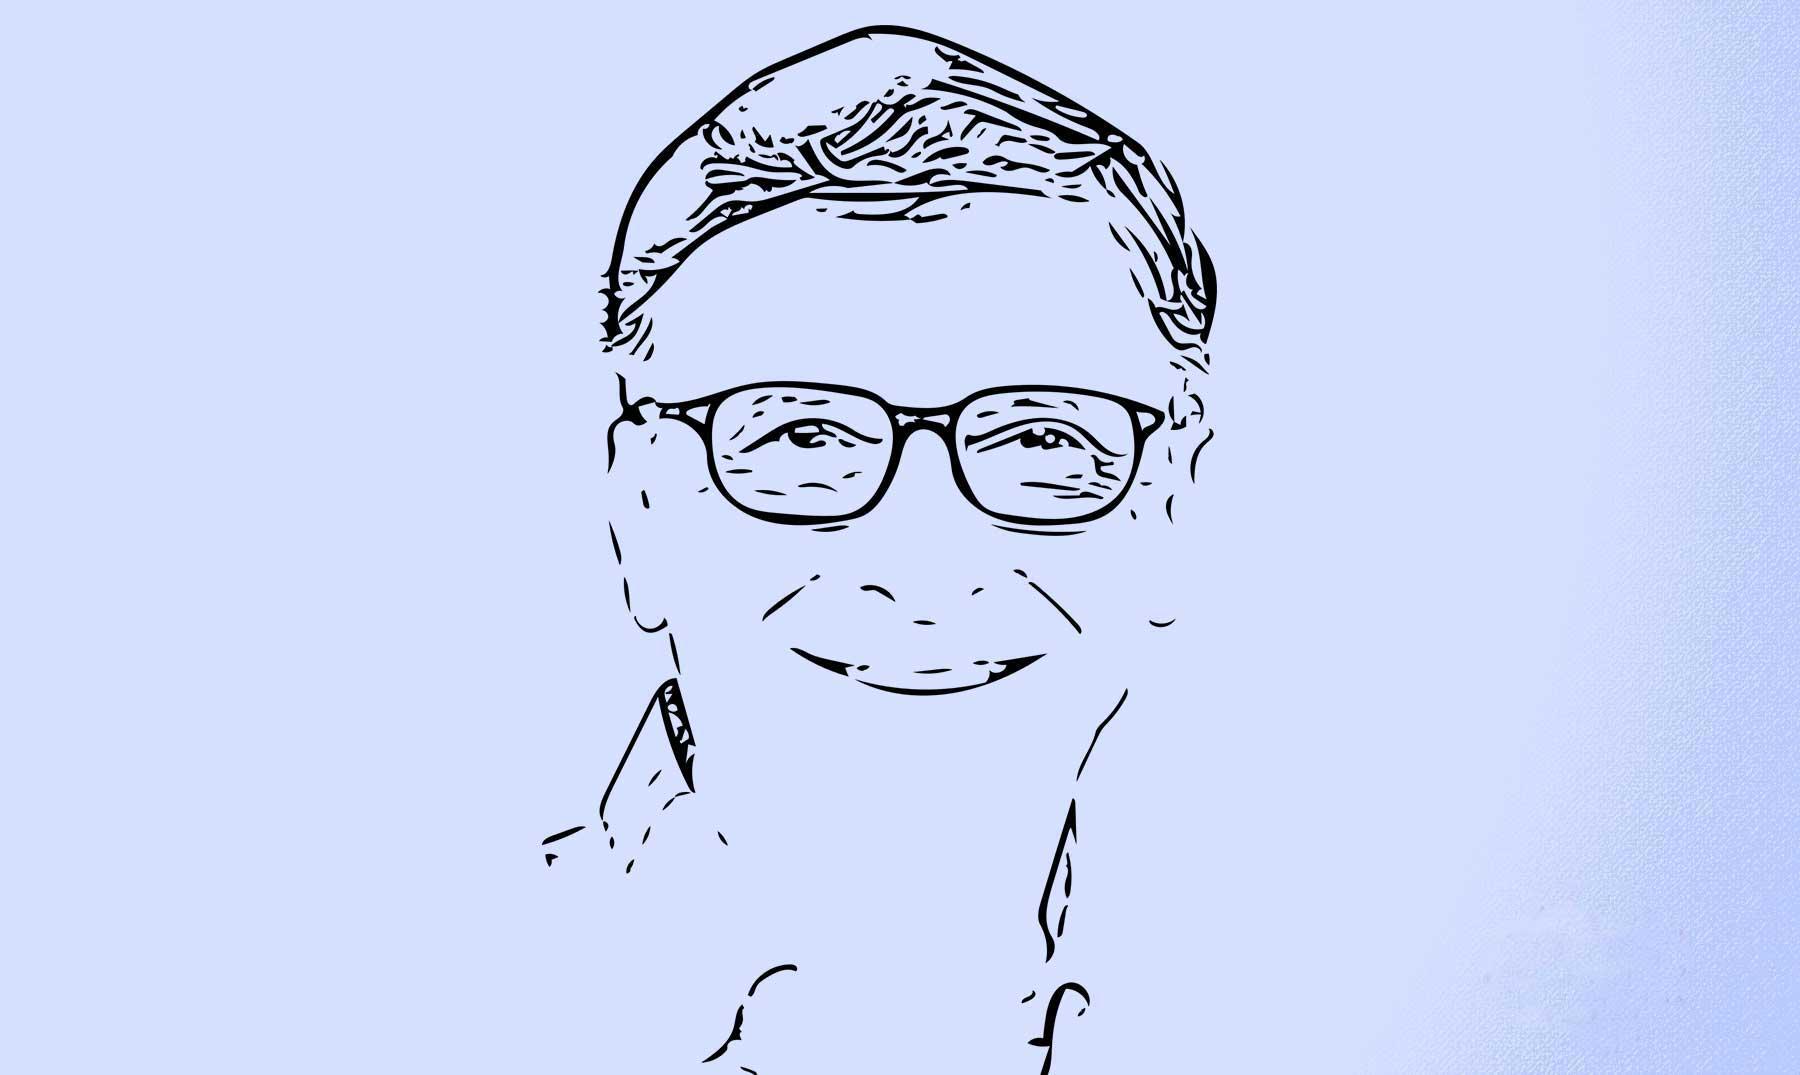 silueta del rostro de Bill Gates